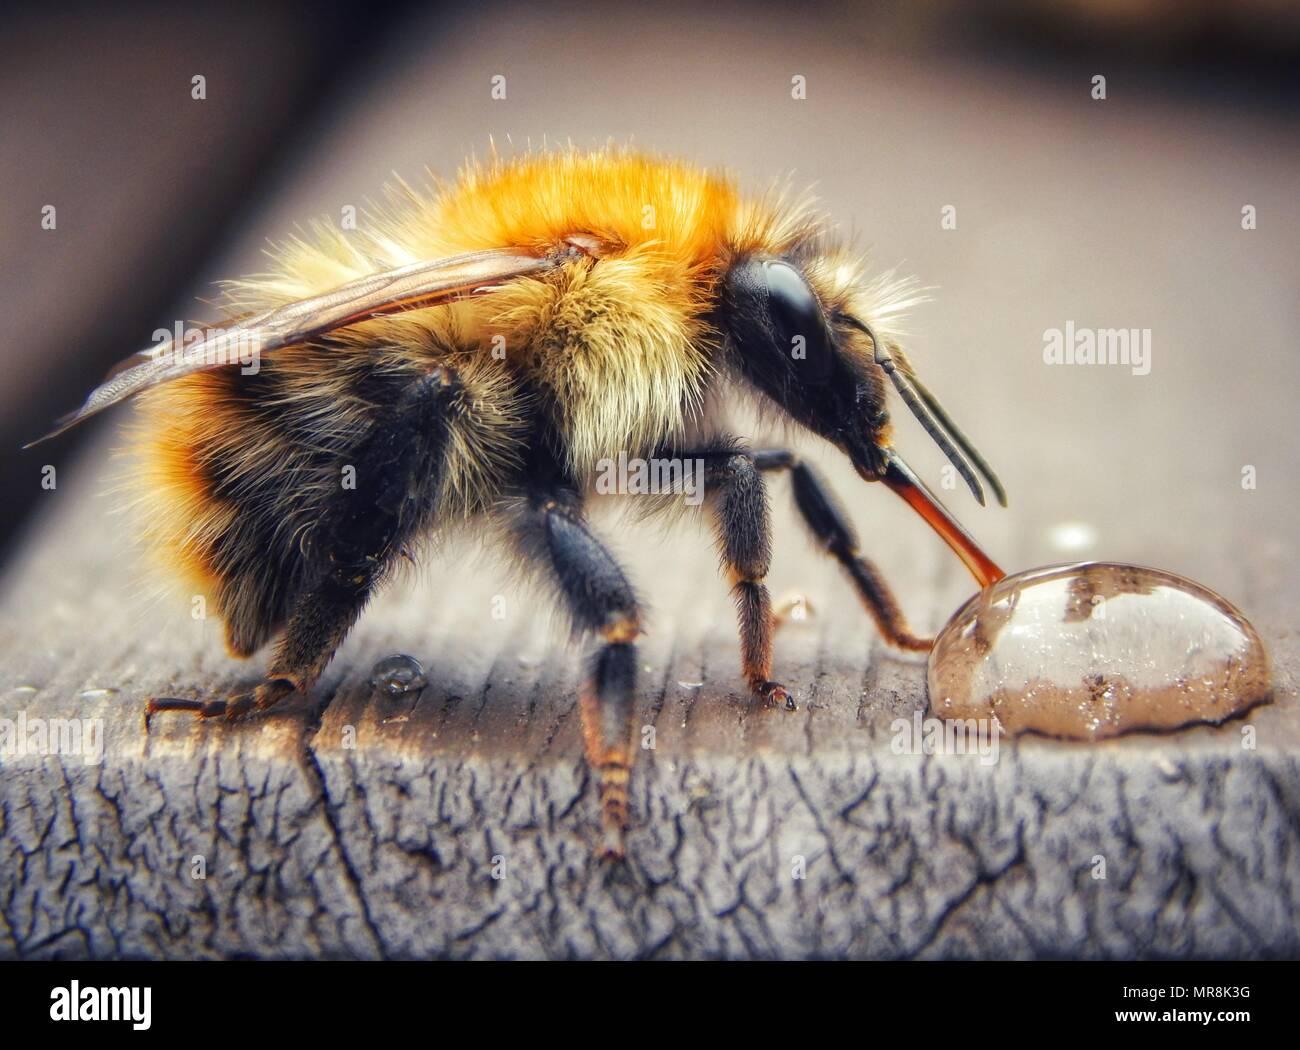 Carde commun bee de boire une goutte d'eau sucrée close up Photo Stock